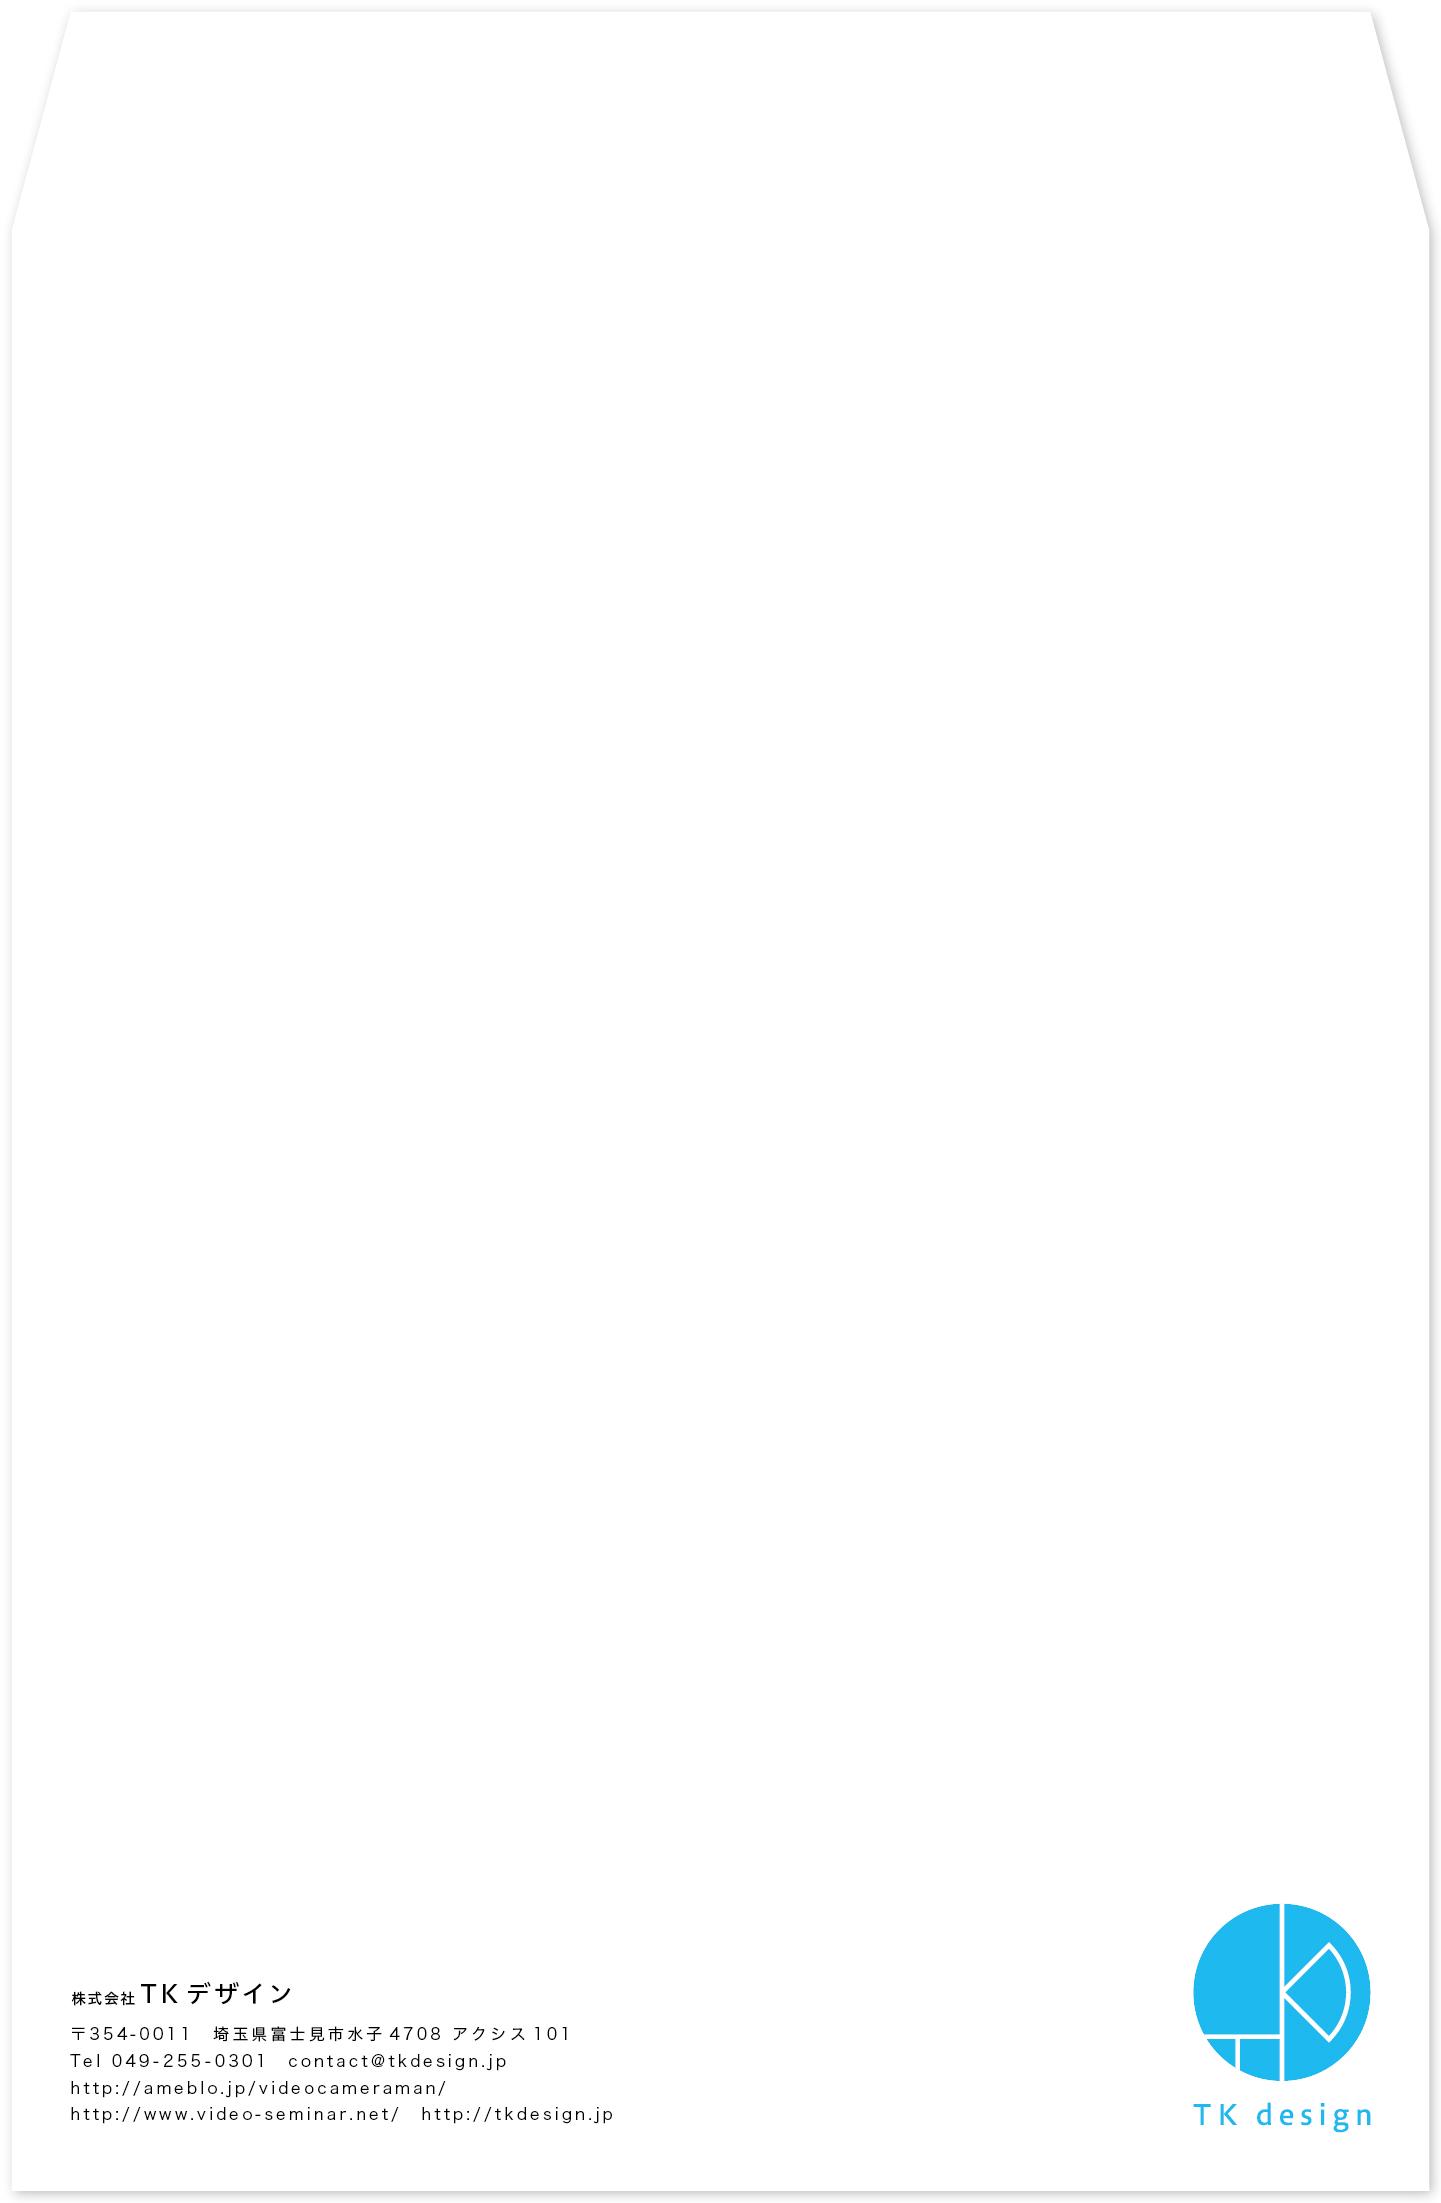 高橋勝己さん封筒02-01